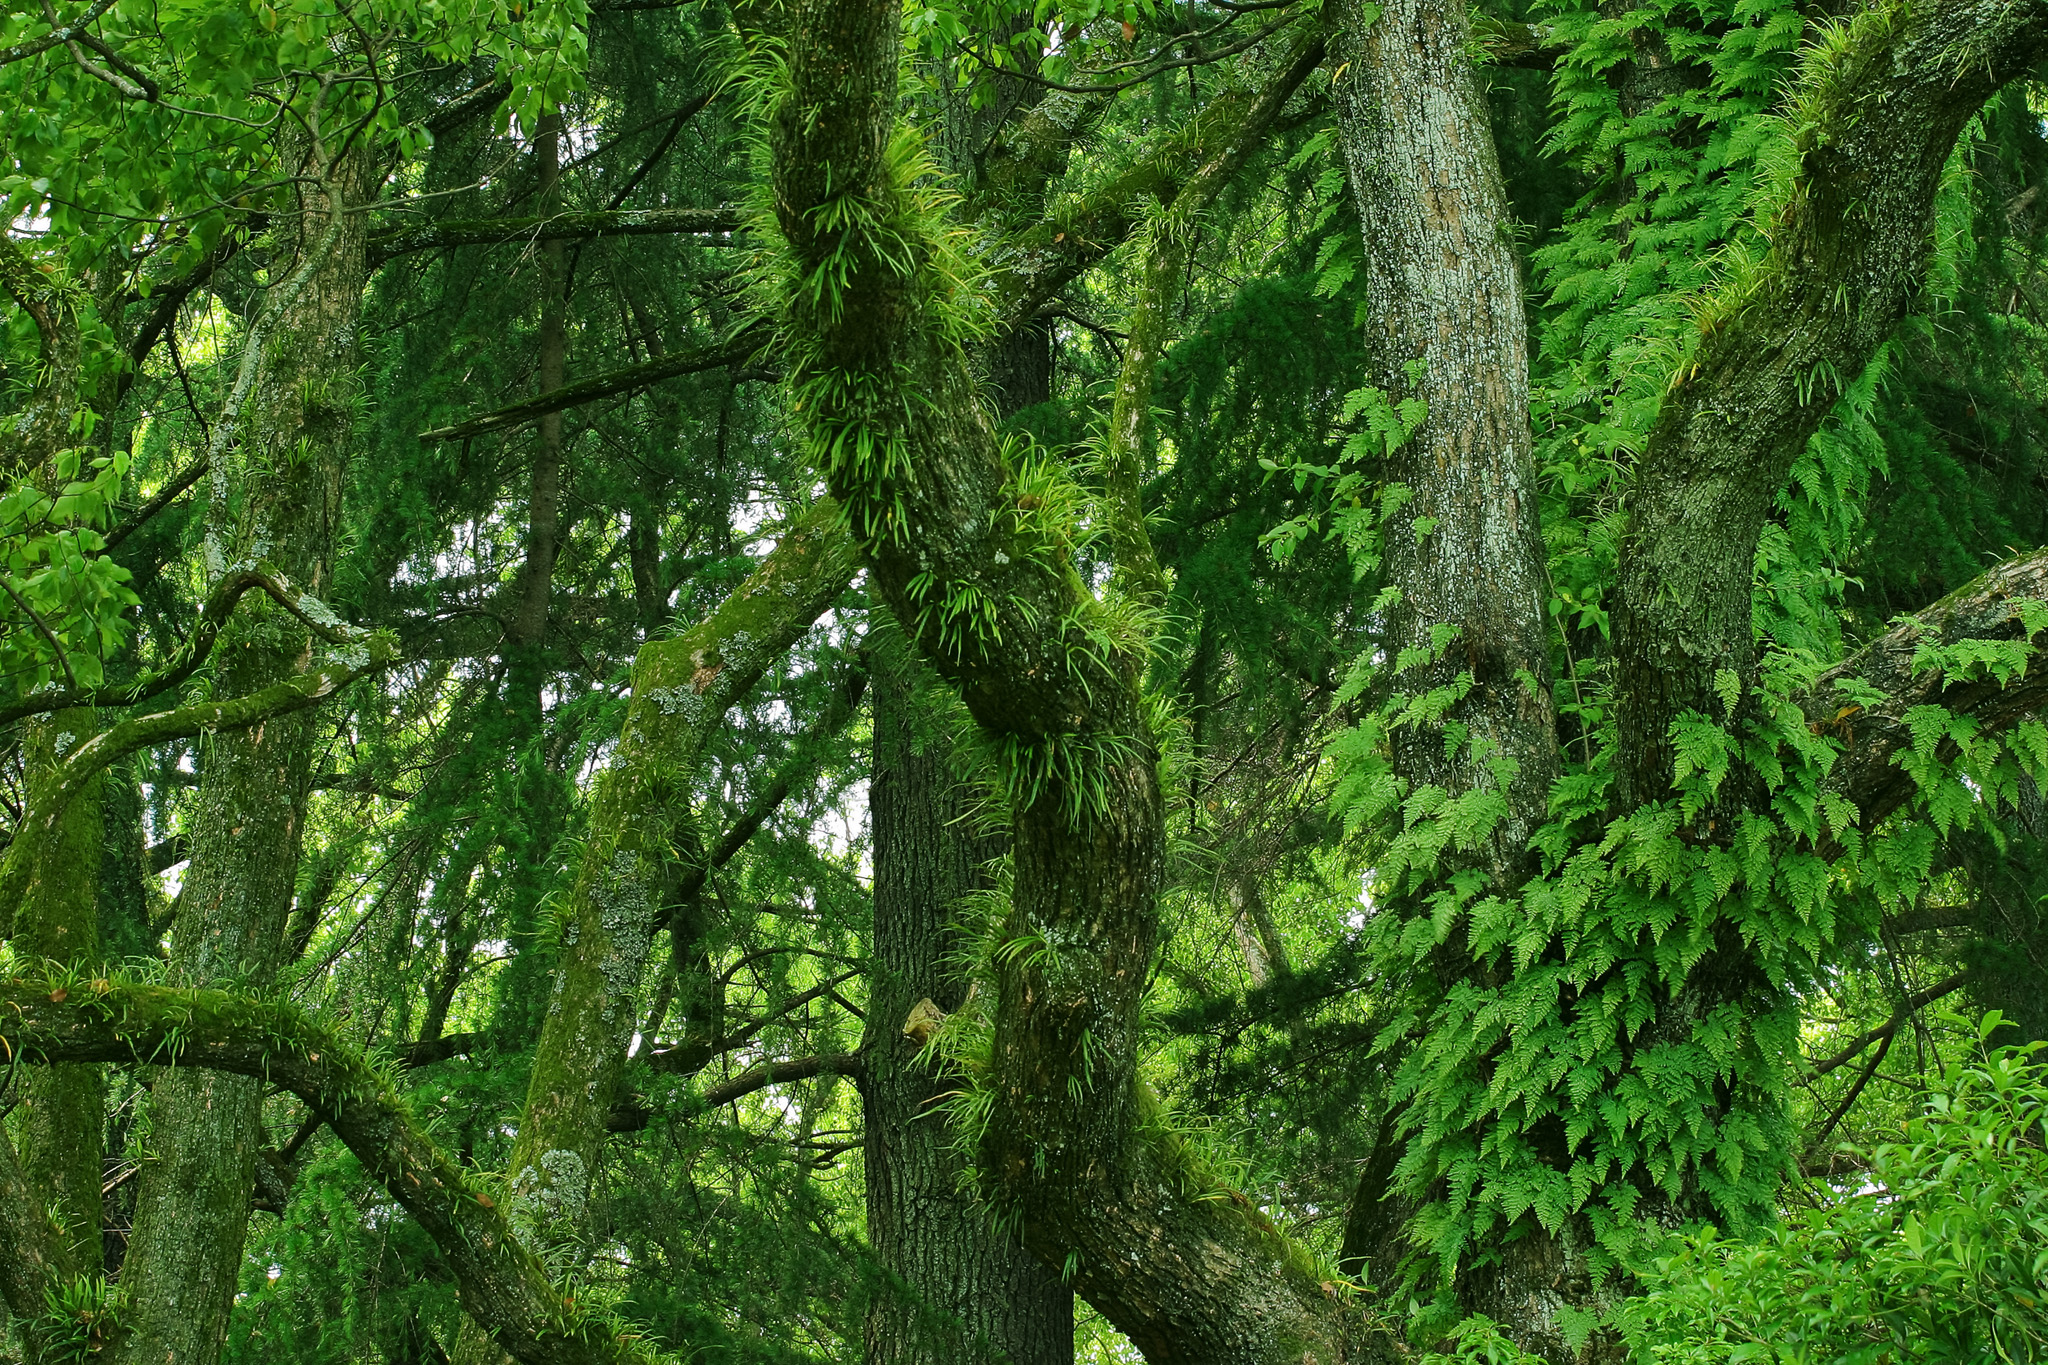 「鬱蒼とした草木生える樹海」